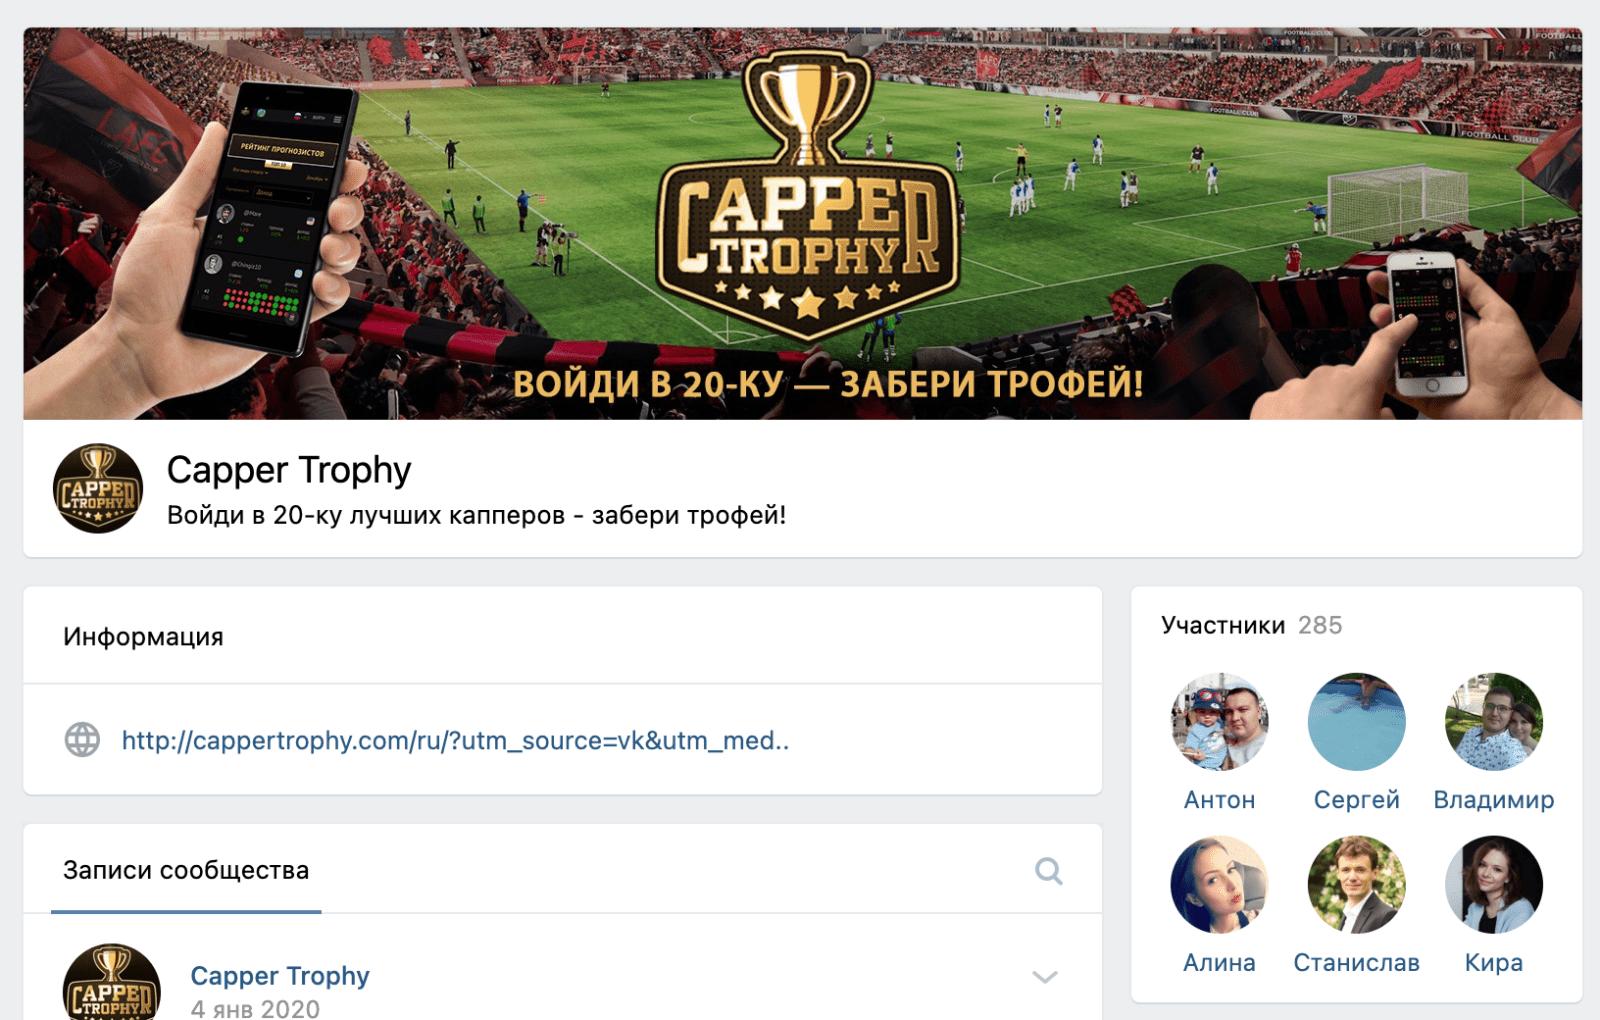 Группа ВК Cappertrophy.com (Каппер Трофи)